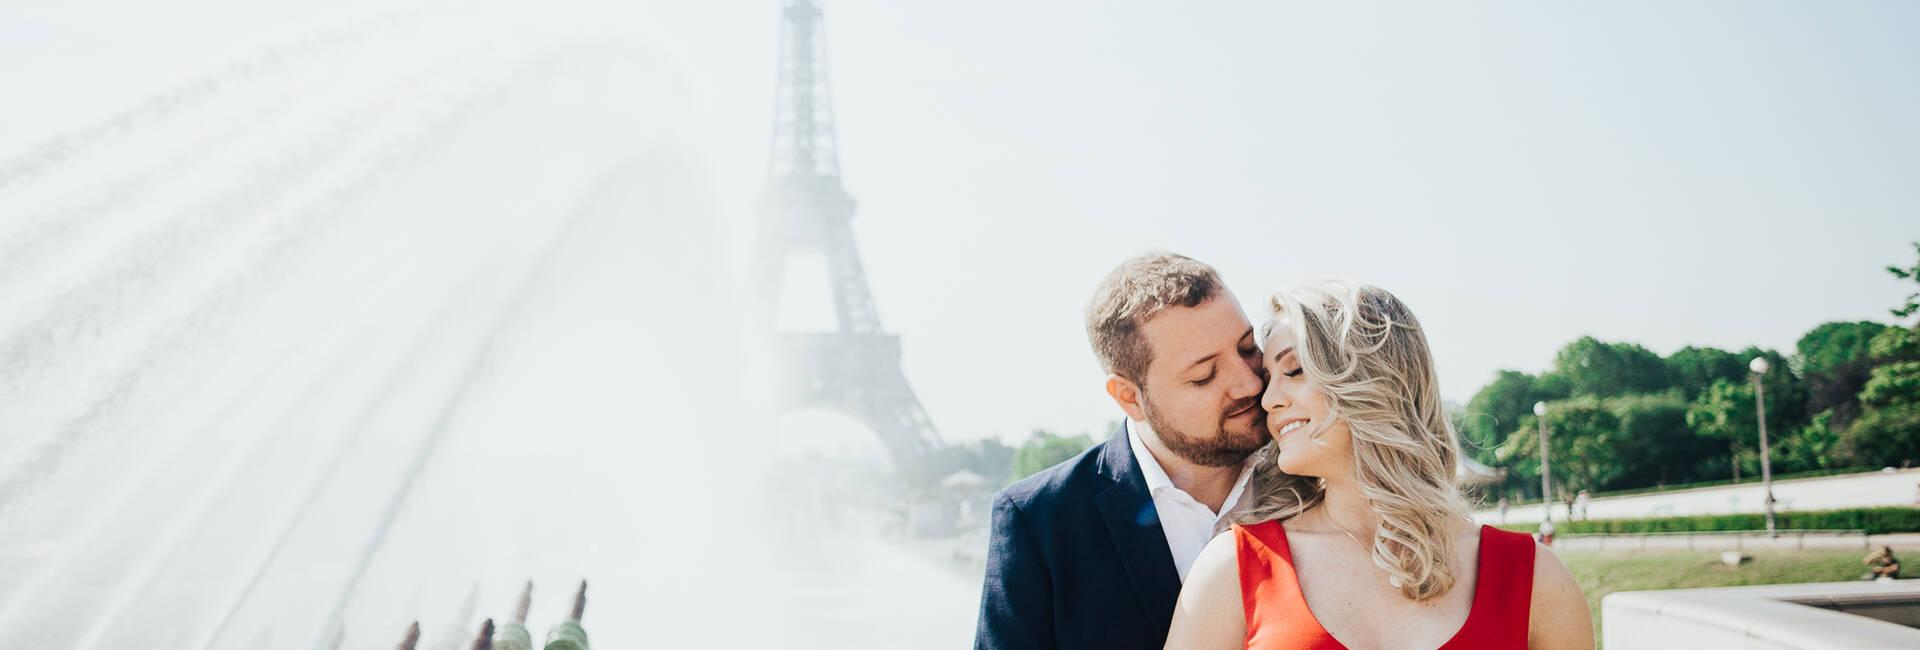 Ensaio romântico em Paris de Vanessa + Leandro